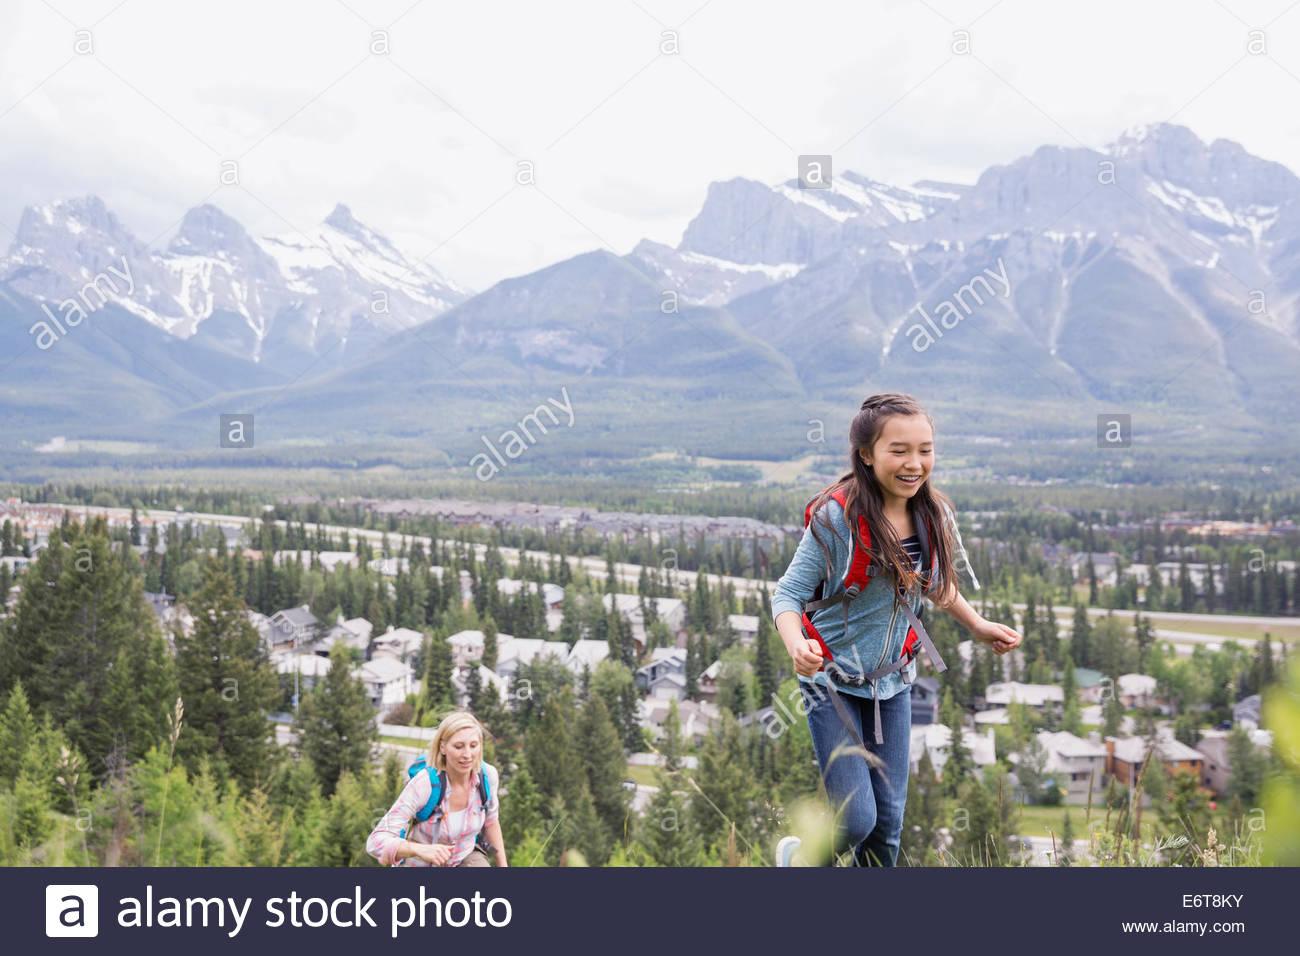 Madre e figlia escursionismo sulla collina rurale Immagini Stock